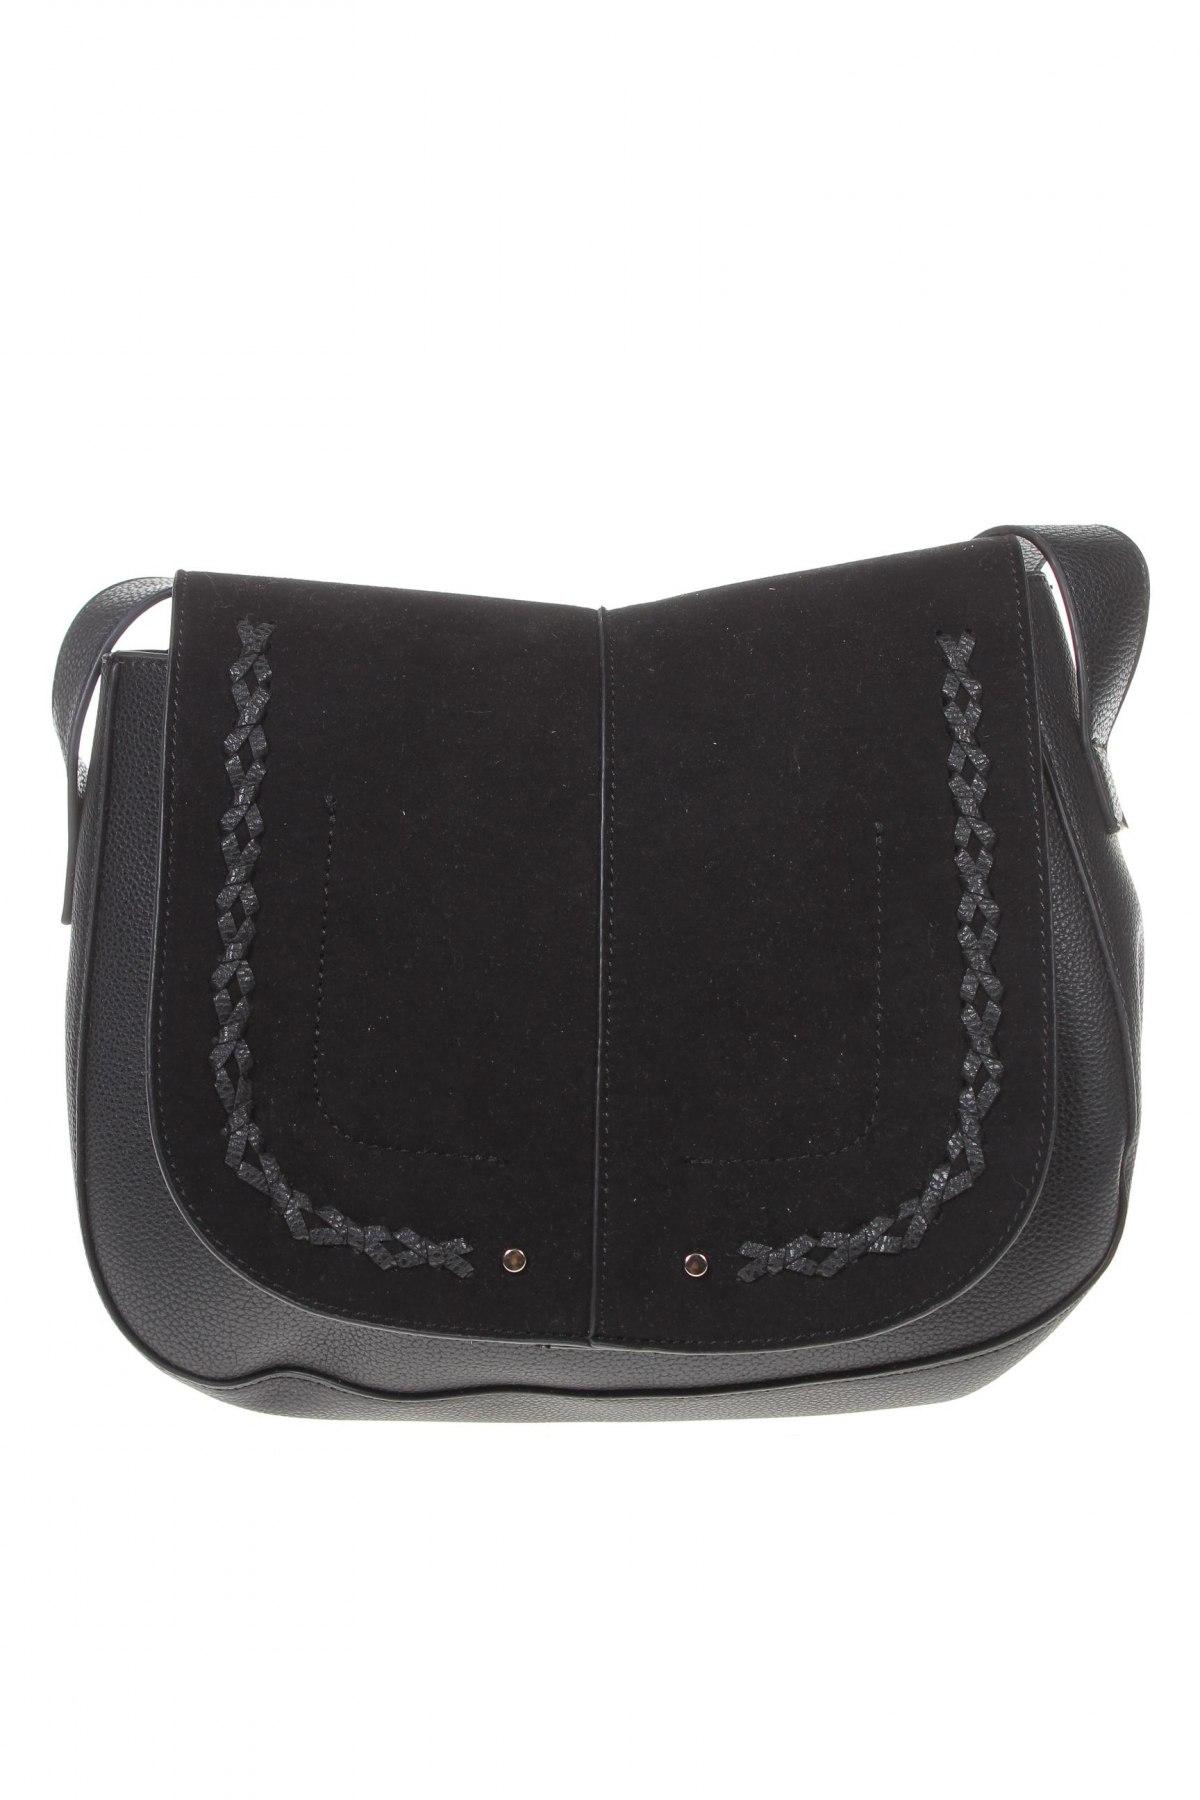 Дамска чанта House, Цвят Черен, Еко кожа, текстил, Цена 36,75лв.